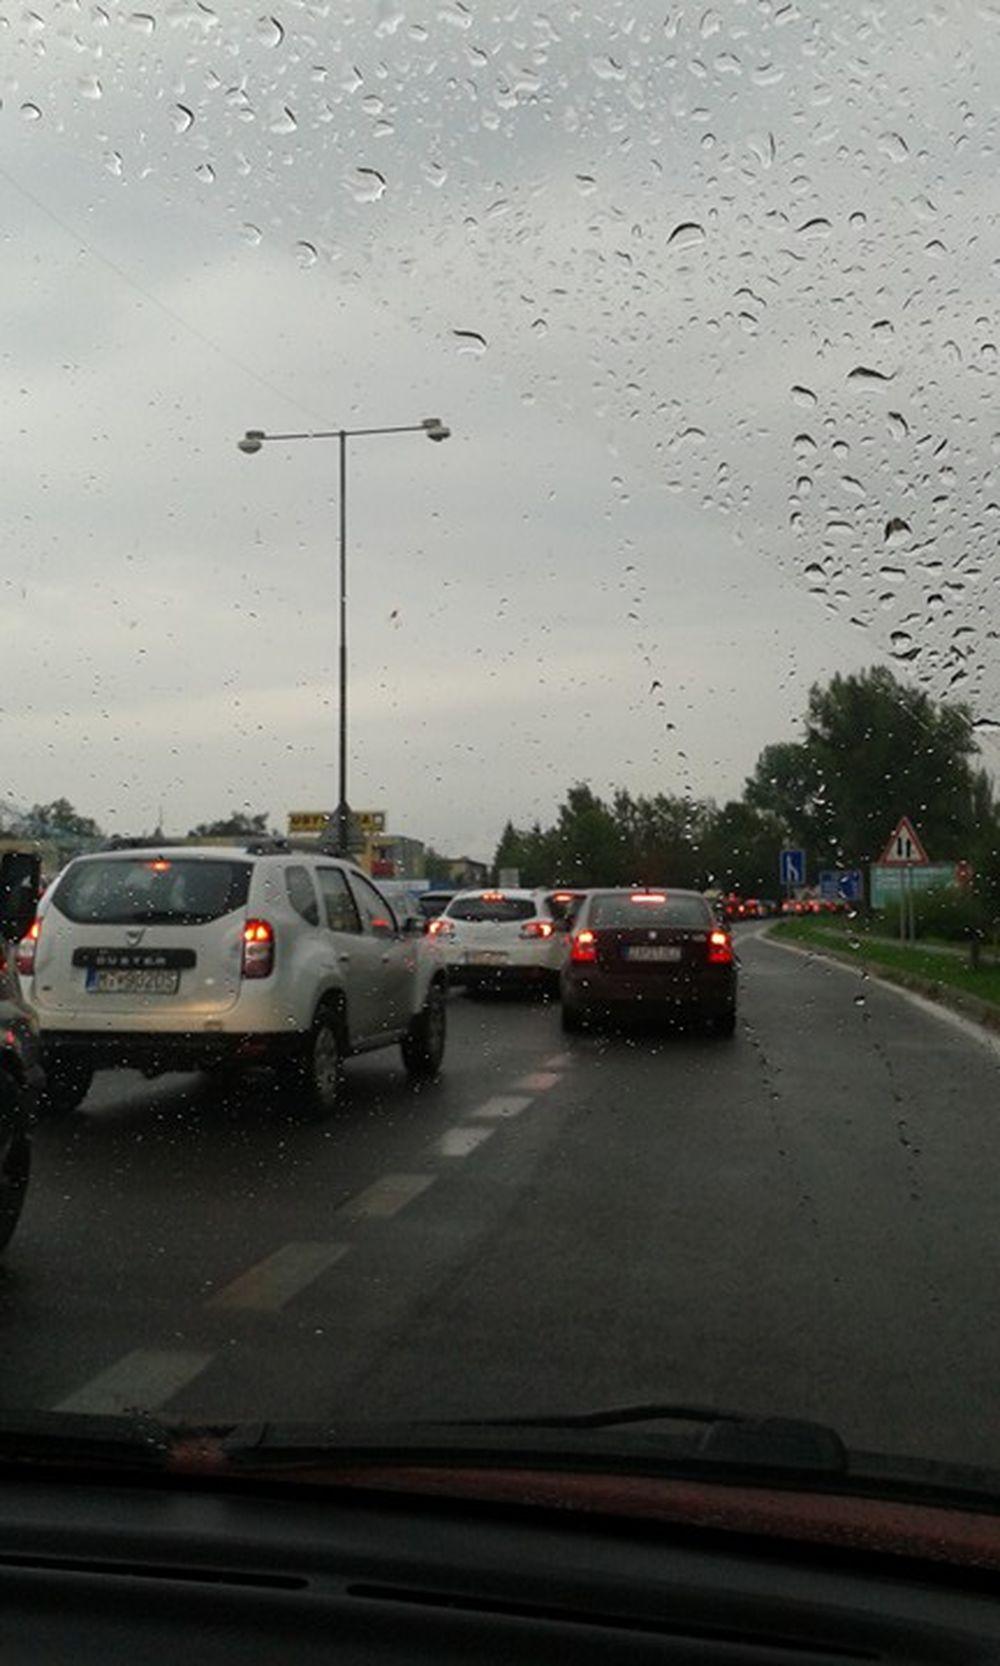 Kolóny v Žiline 25.9.2015, foto 1